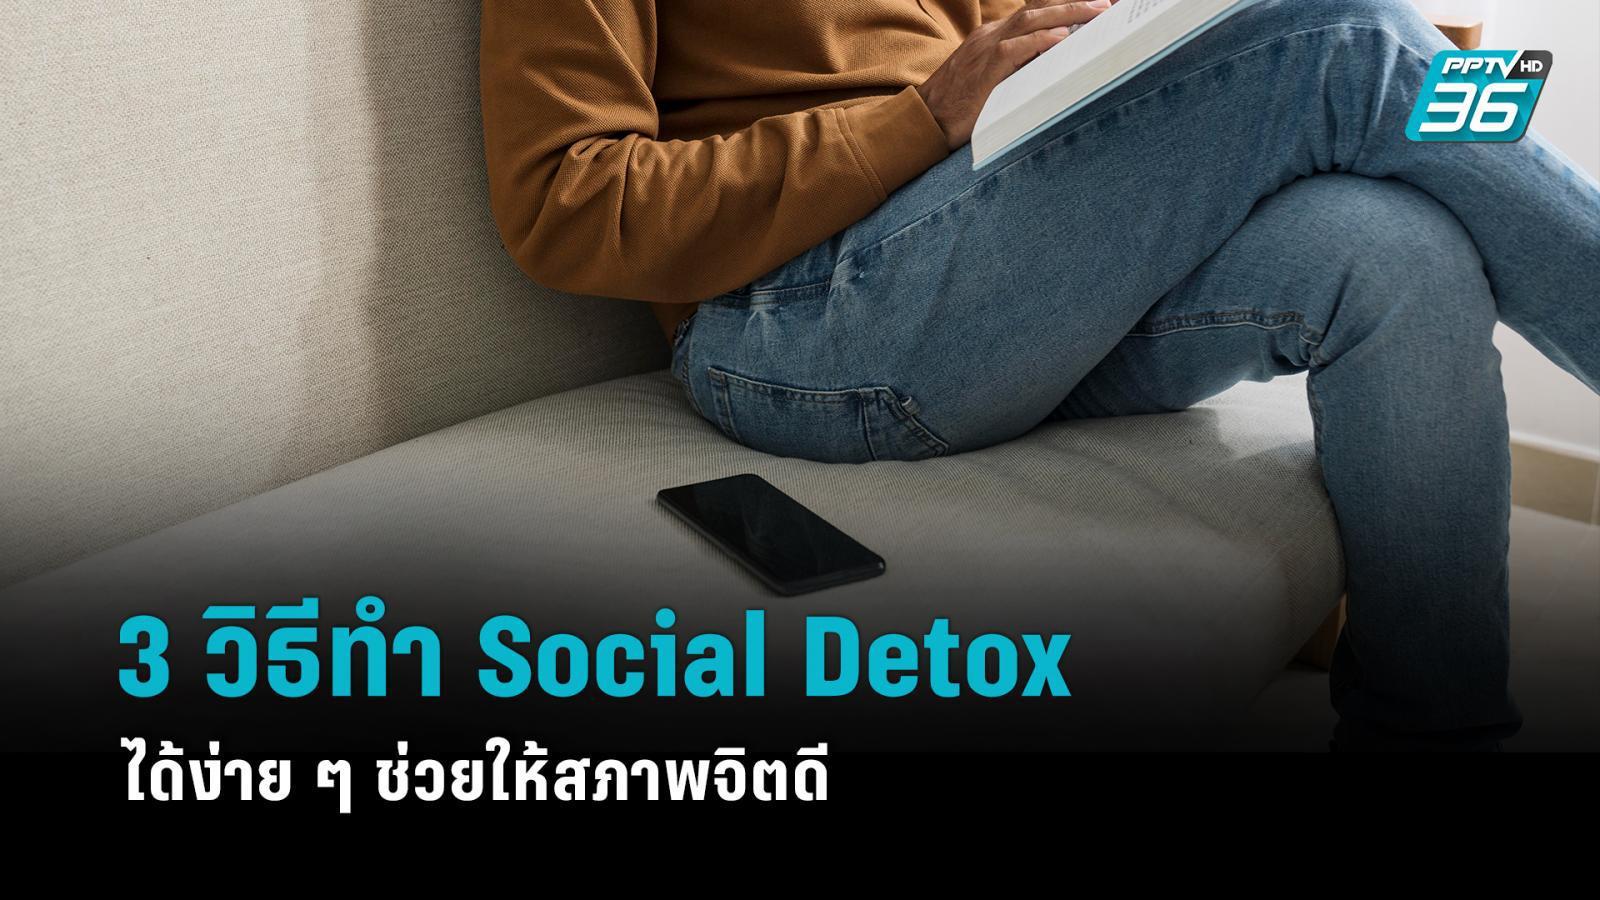 3 วิธีทำ Social Detox ได้ง่าย ๆ ช่วยให้สภาพจิตดี